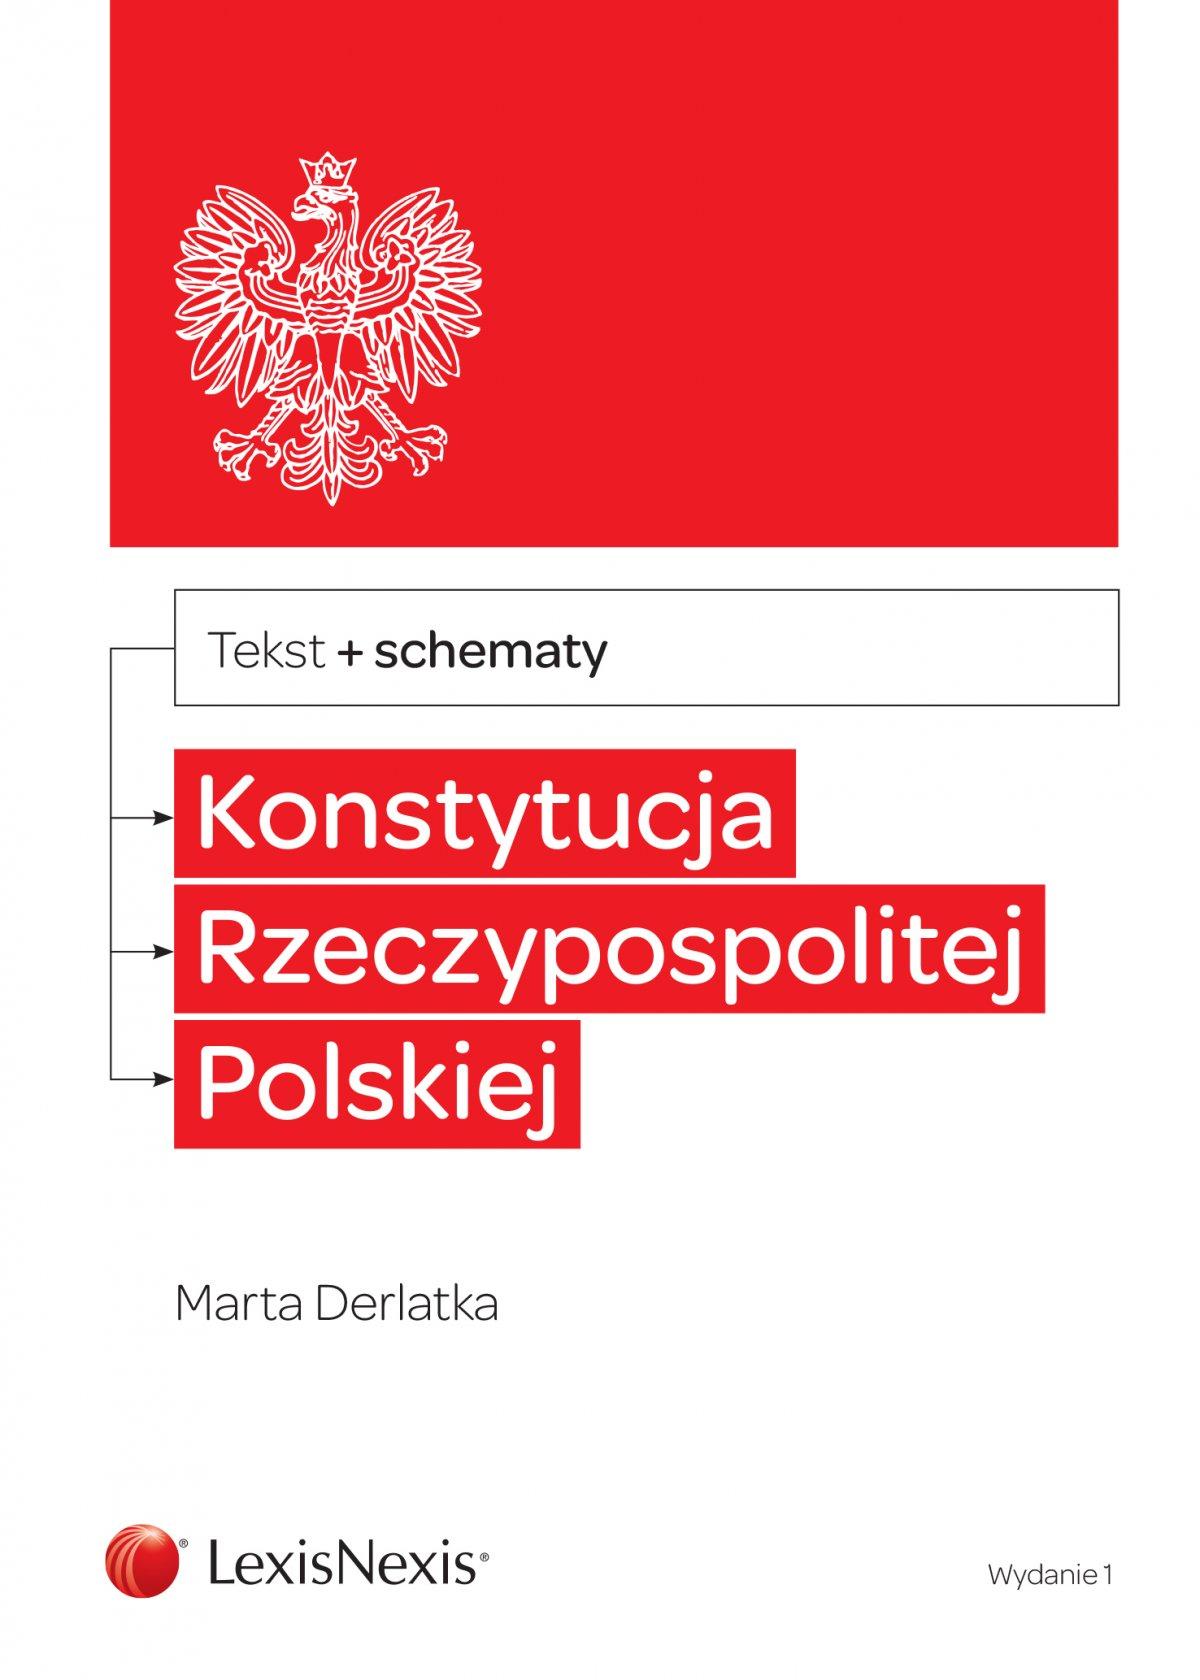 Konstytucja Rzeczypospolitej Polskiej ze schematami. Wydanie 1 - Ebook (Książka PDF) do pobrania w formacie PDF